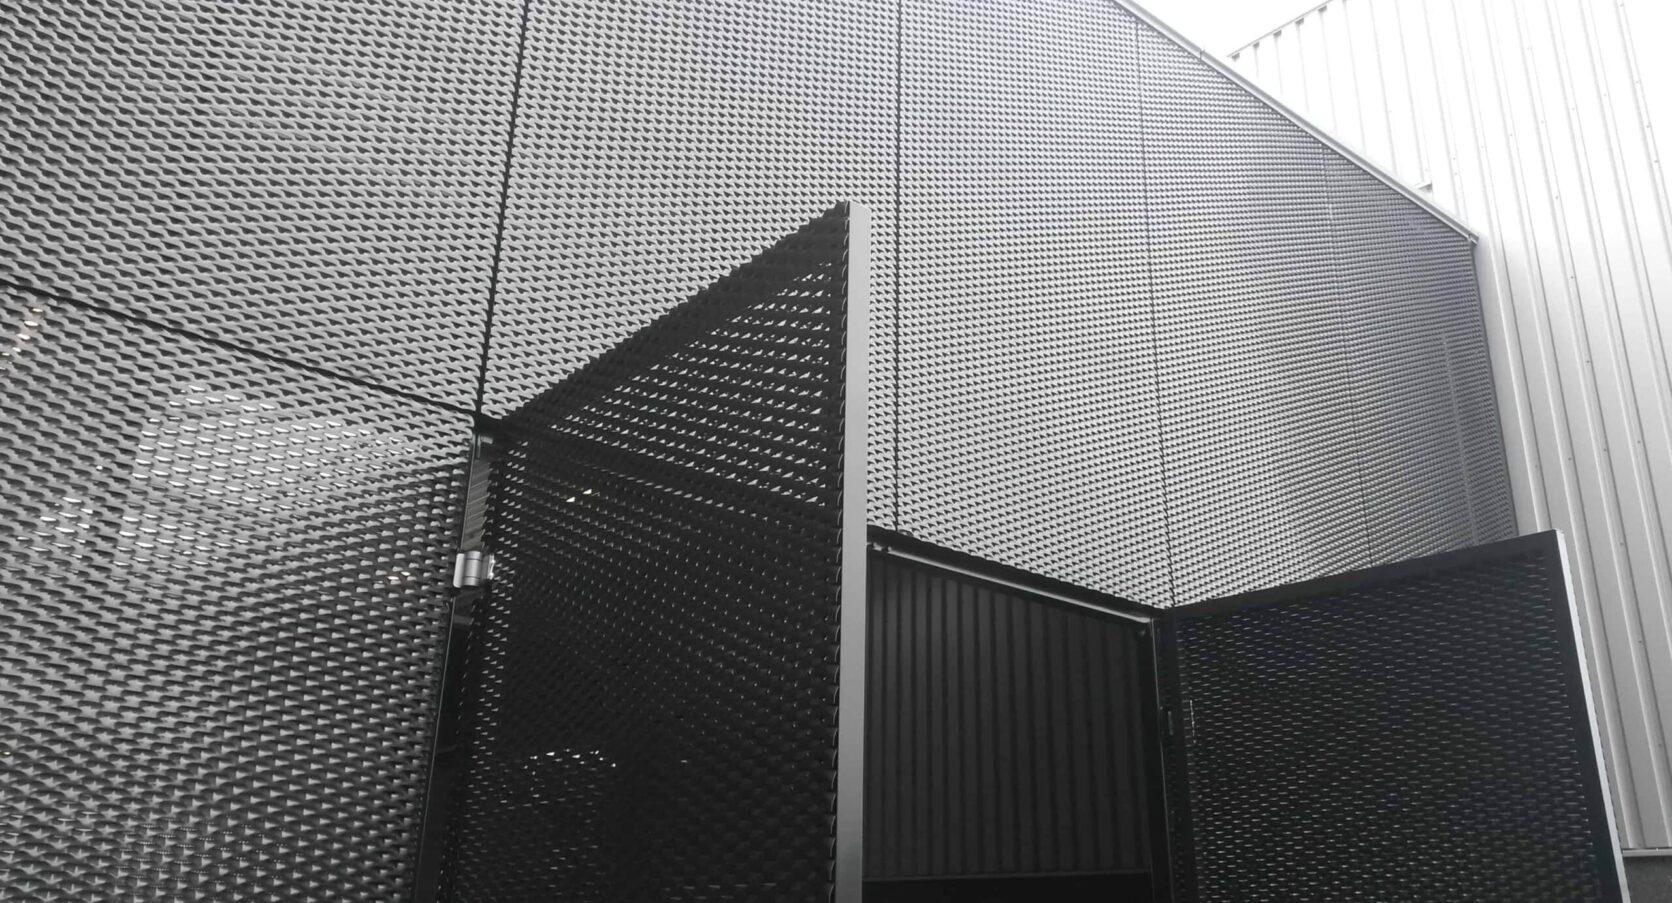 Groothuisbouw in Emmeloord voorzien van MD Strekmetaal panelen met MD Resto bevestiging